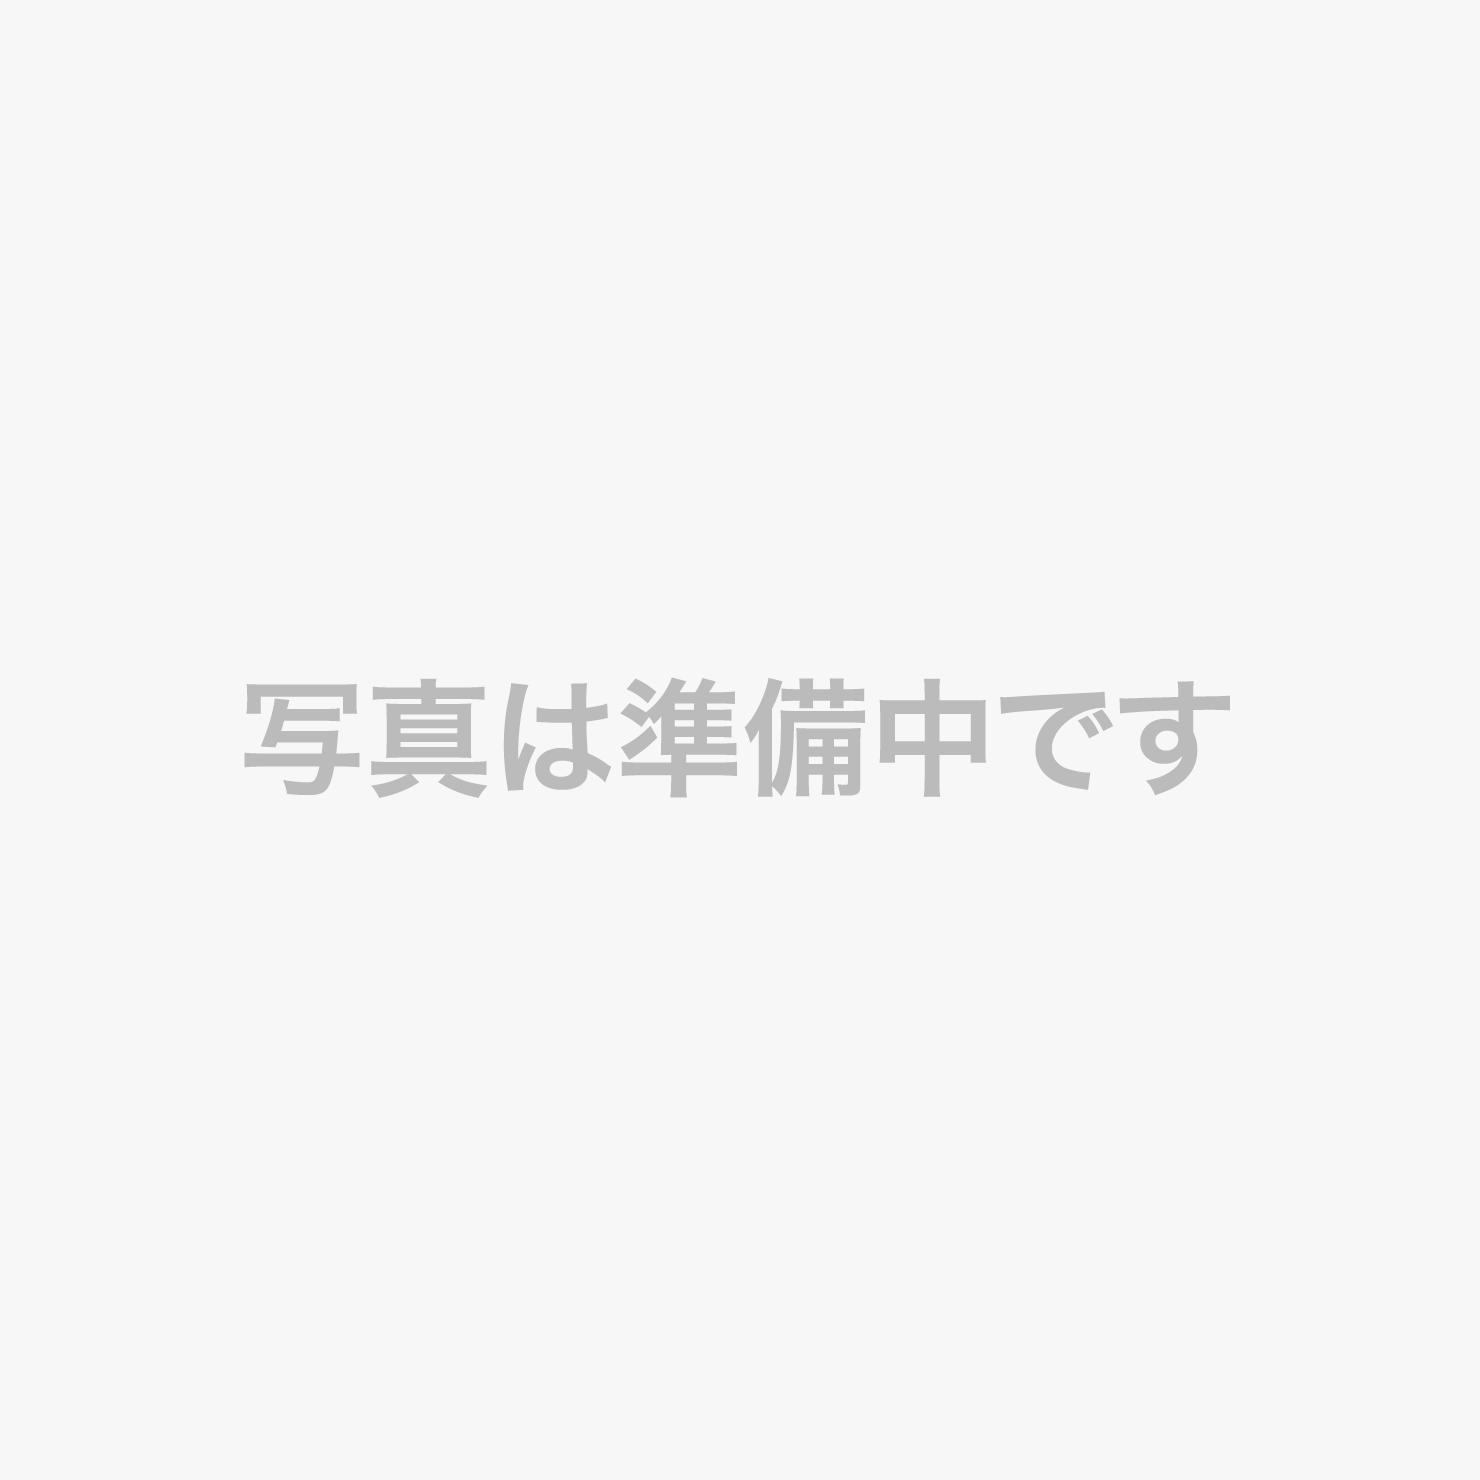 しゃぶしゃぶ食べ放題コース【要予約】